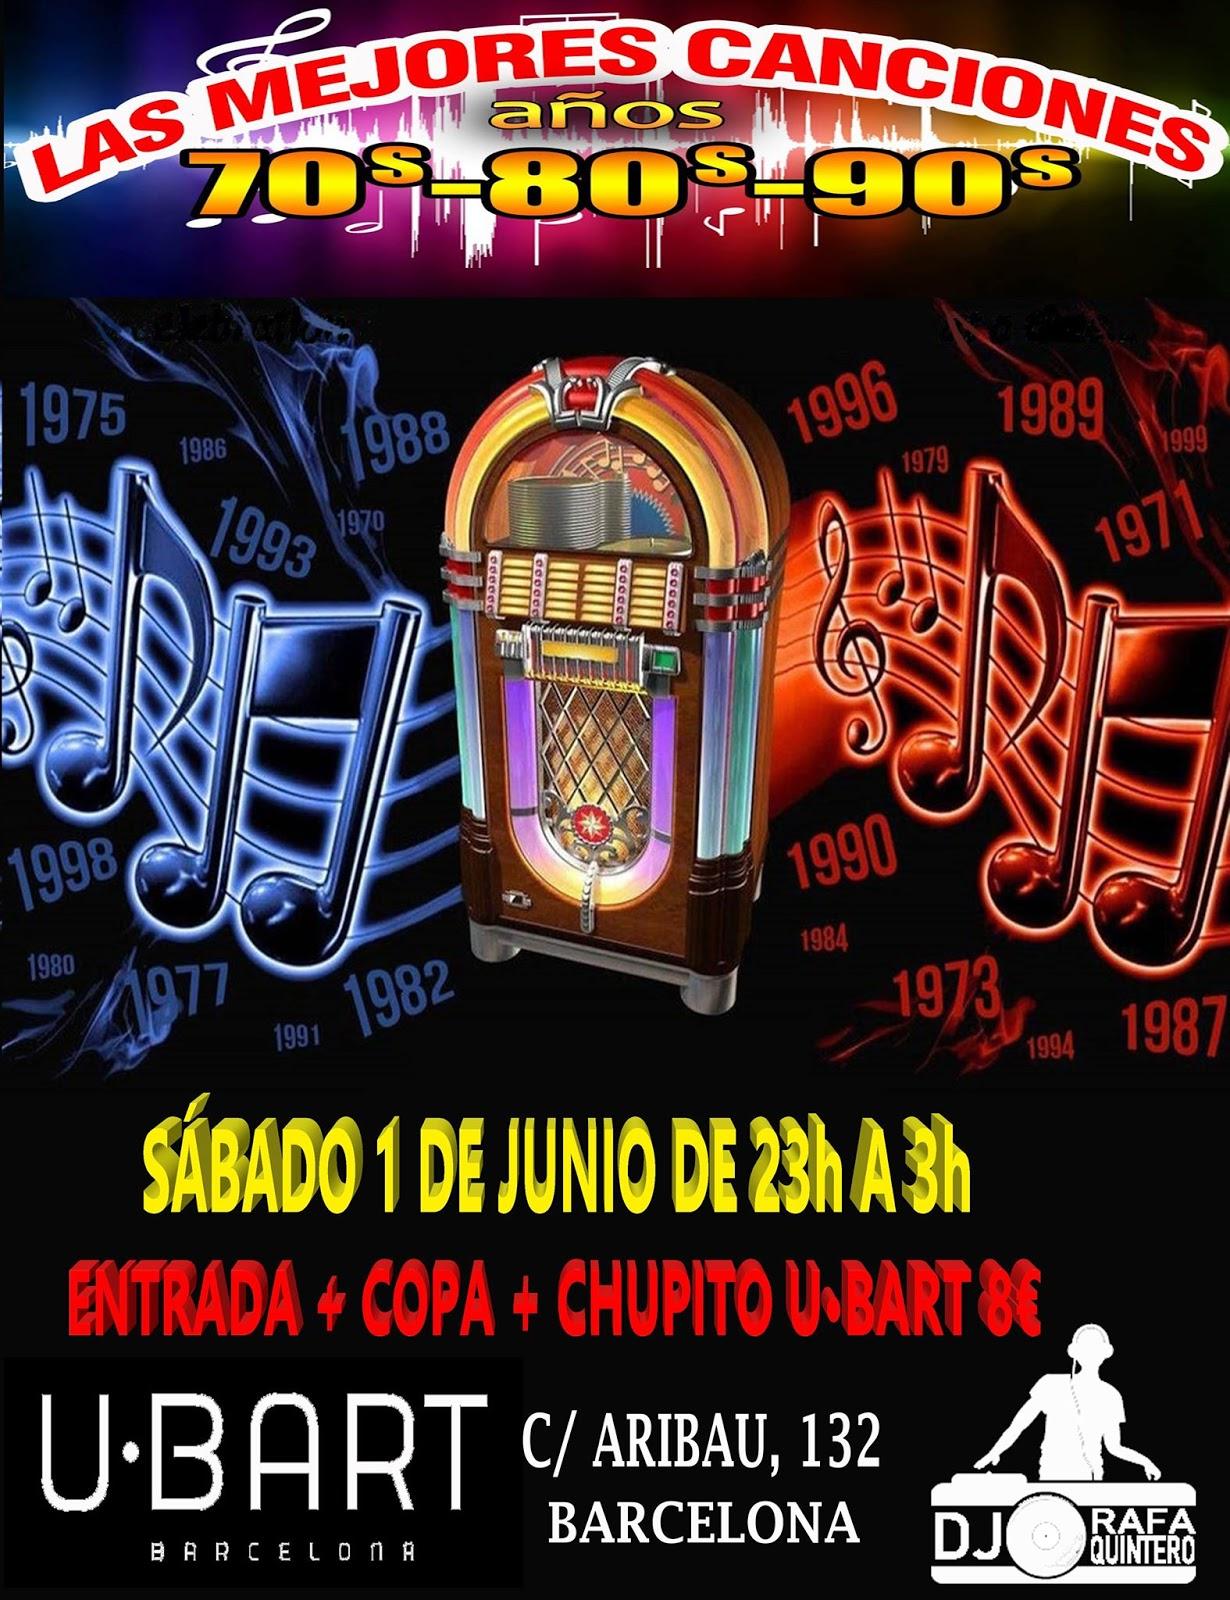 Flyer Fiesta Las Mejores Canciones años 70s-80s-90s